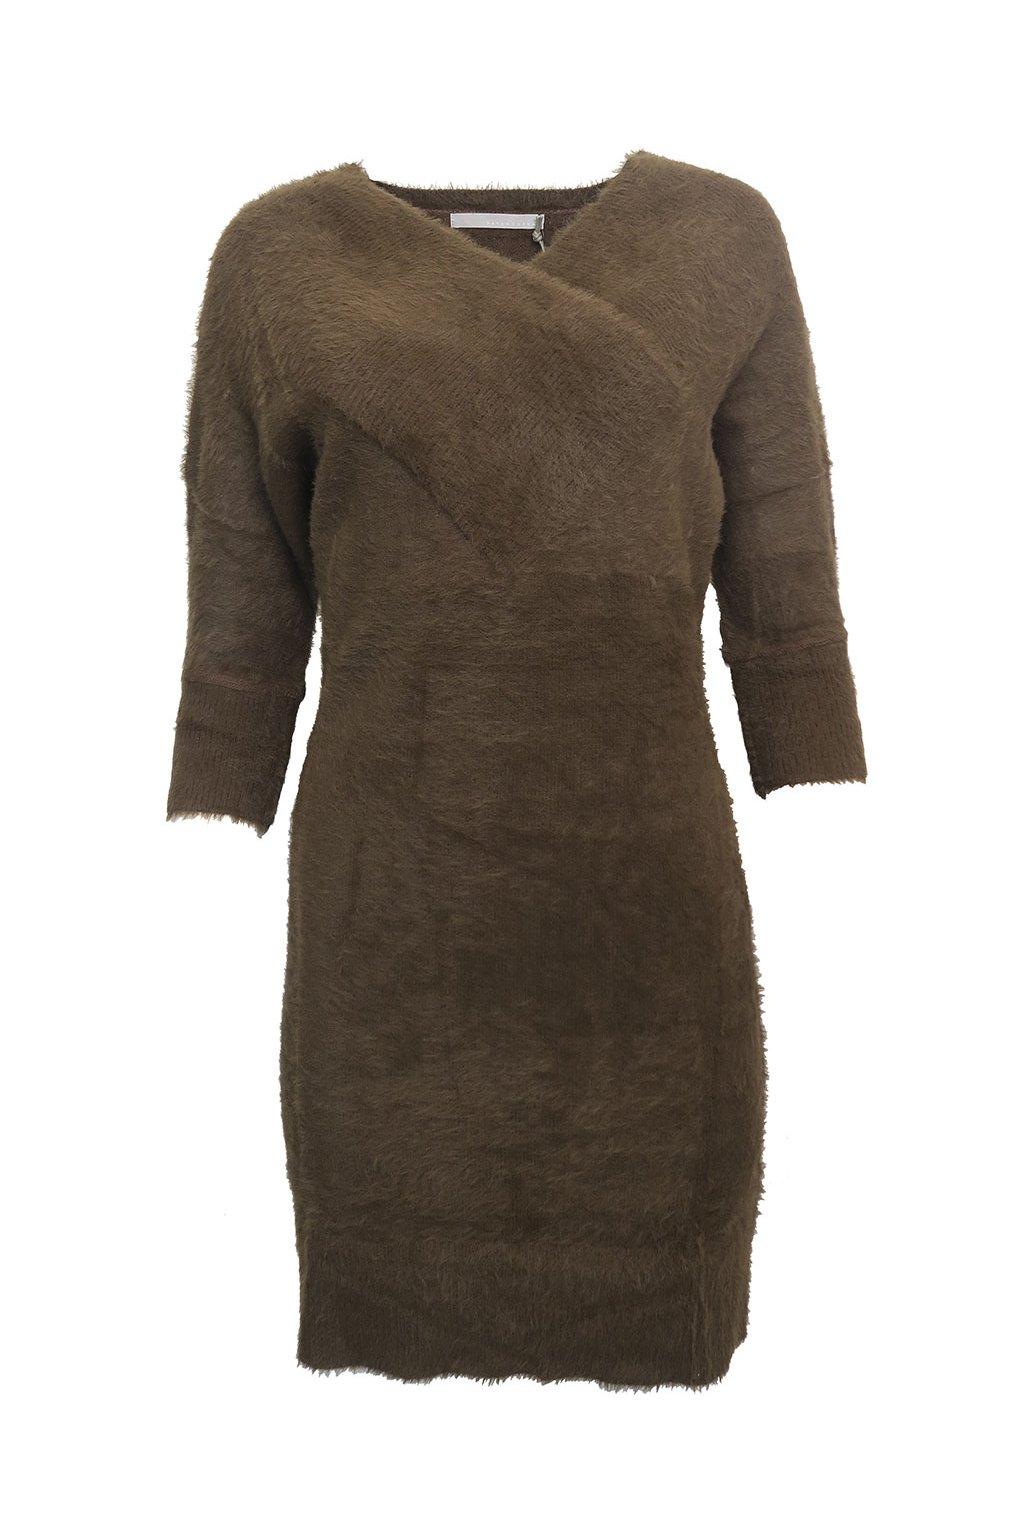 Chlupaté svetříkové šaty YAYA